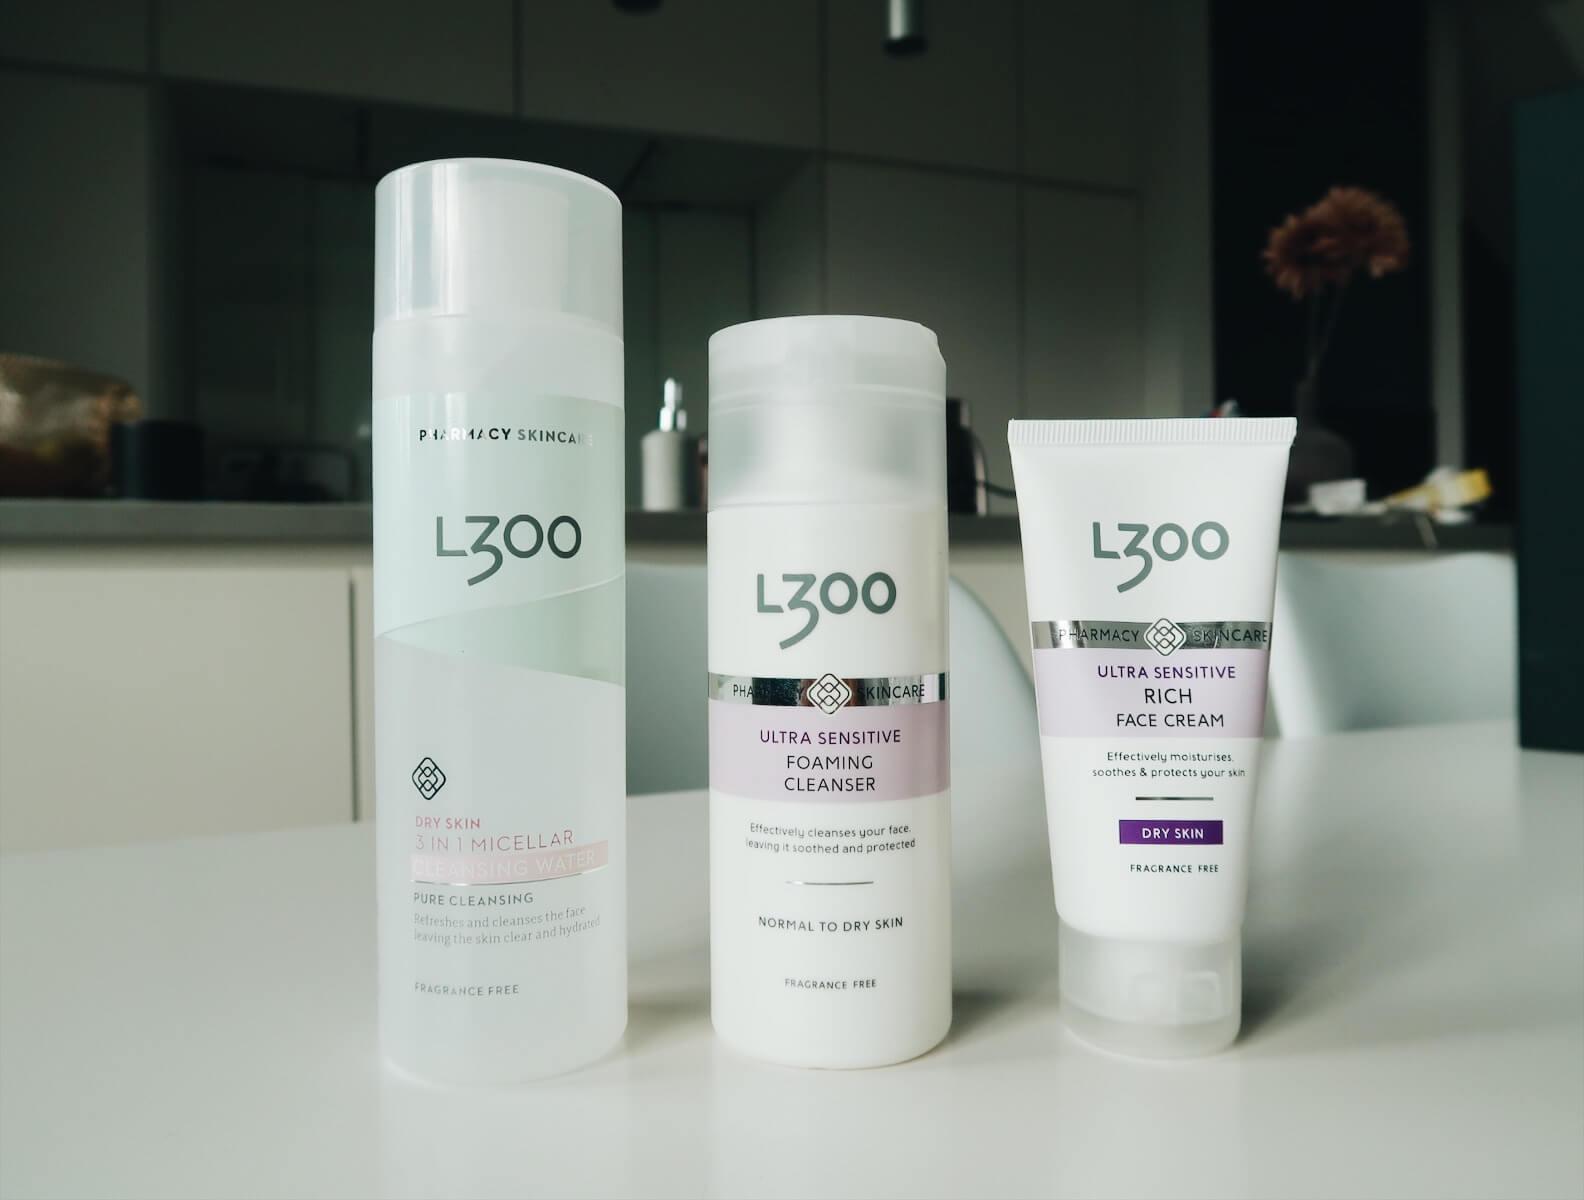 l300 hudvård recension